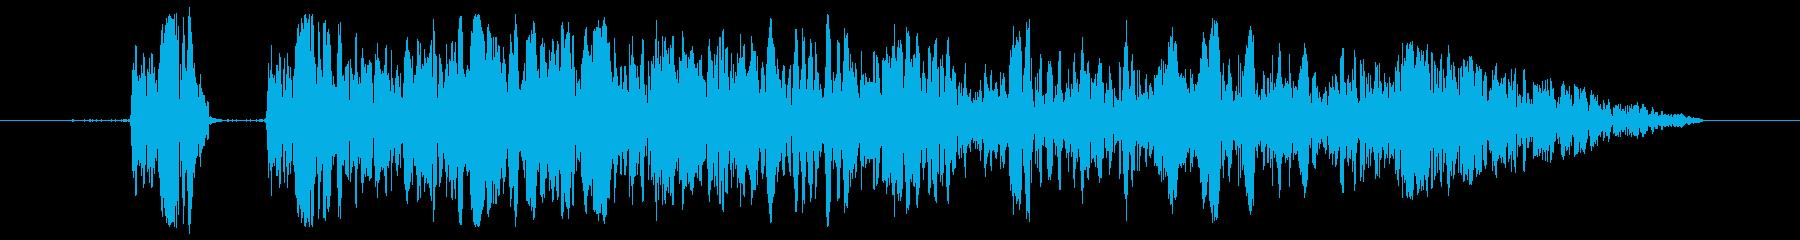 エラー/キャンセル/警告/選択不可/03の再生済みの波形